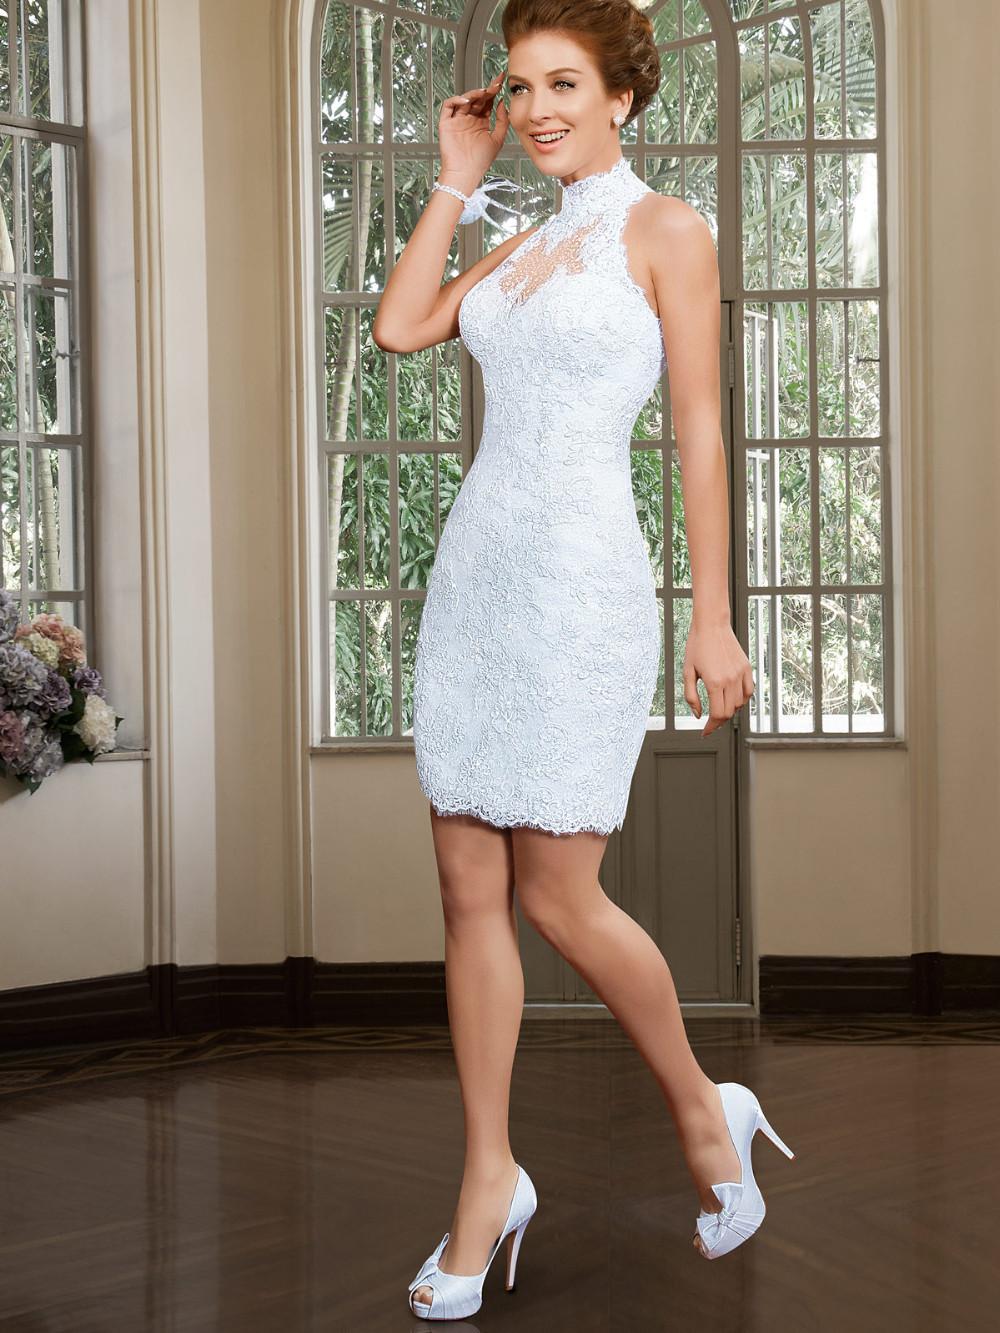 Custom Made Elegant A Line High Neck Wedding Dress with Detachable Skirt